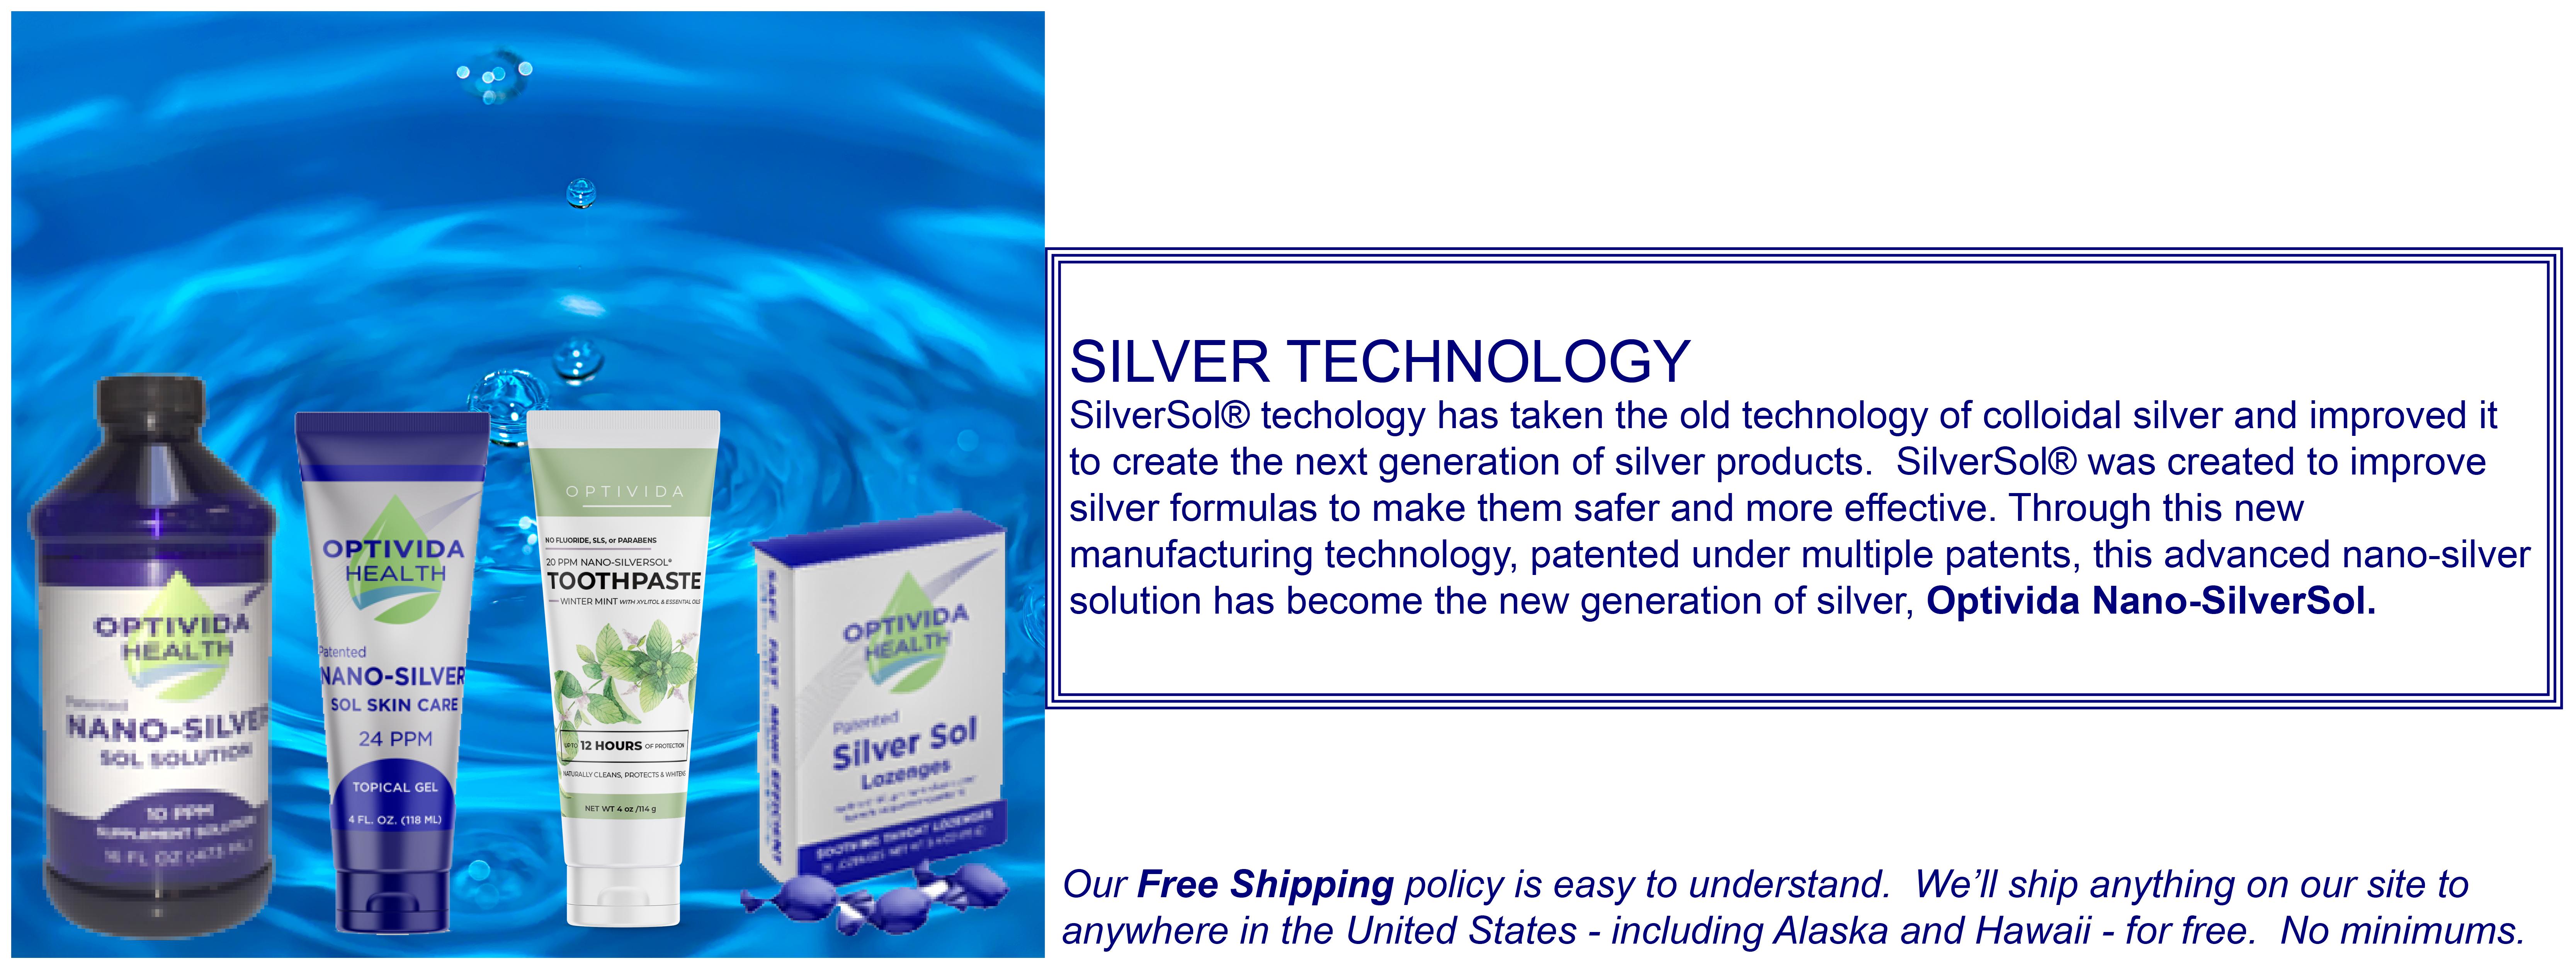 optivida-nano-silver-sol-banner-catalog-page-2.jpg